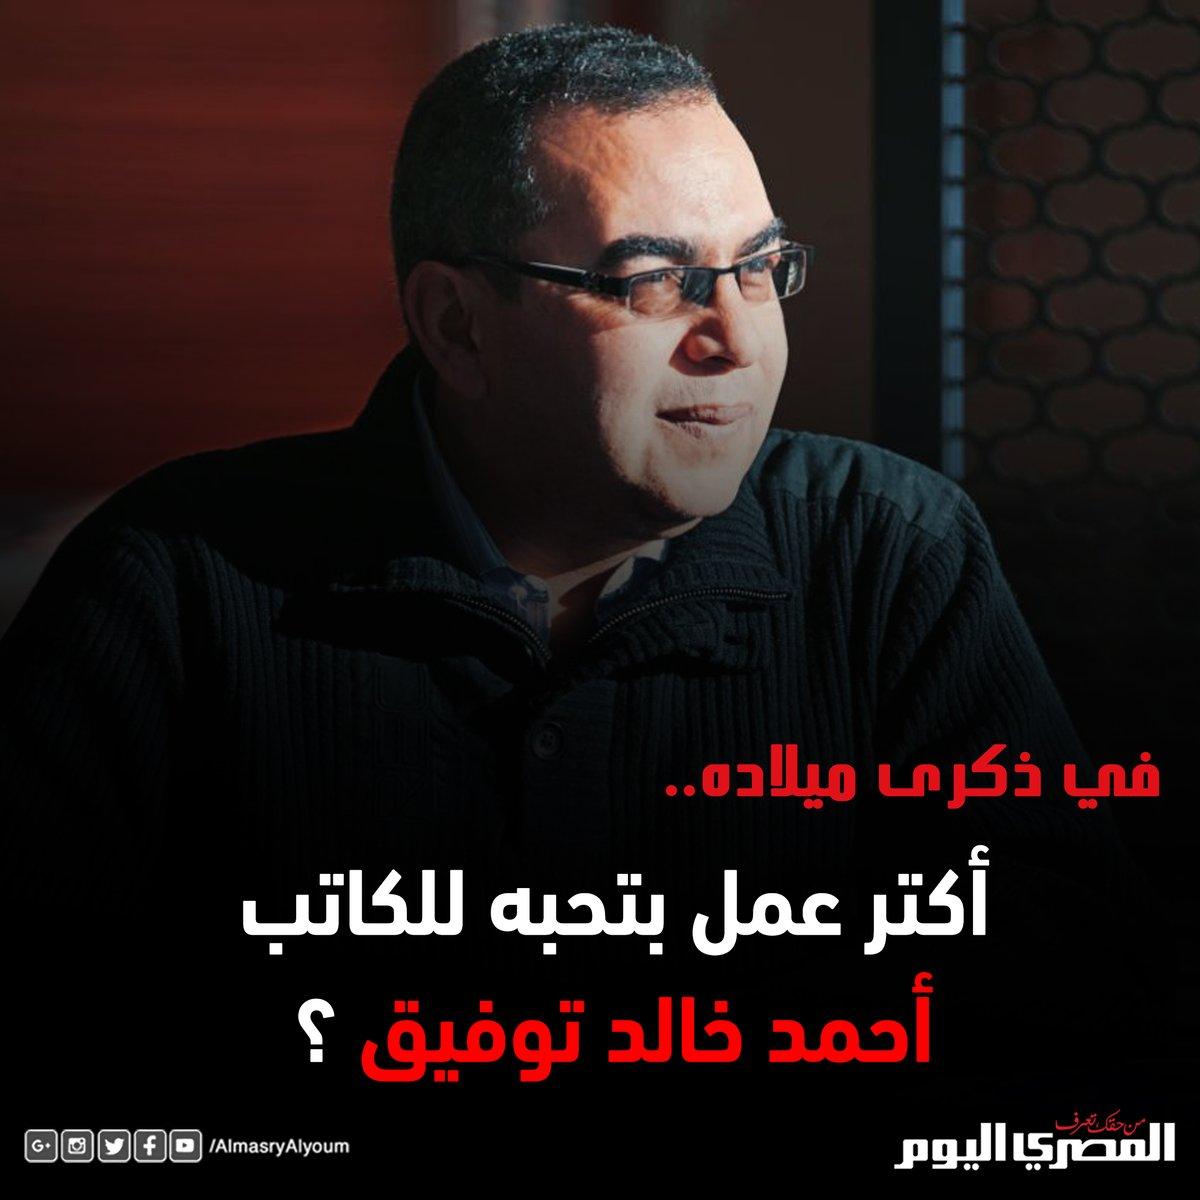 شاركنا برأيك أكتر عمل بتحبه للكاتب أحمد خالد توفيق؟